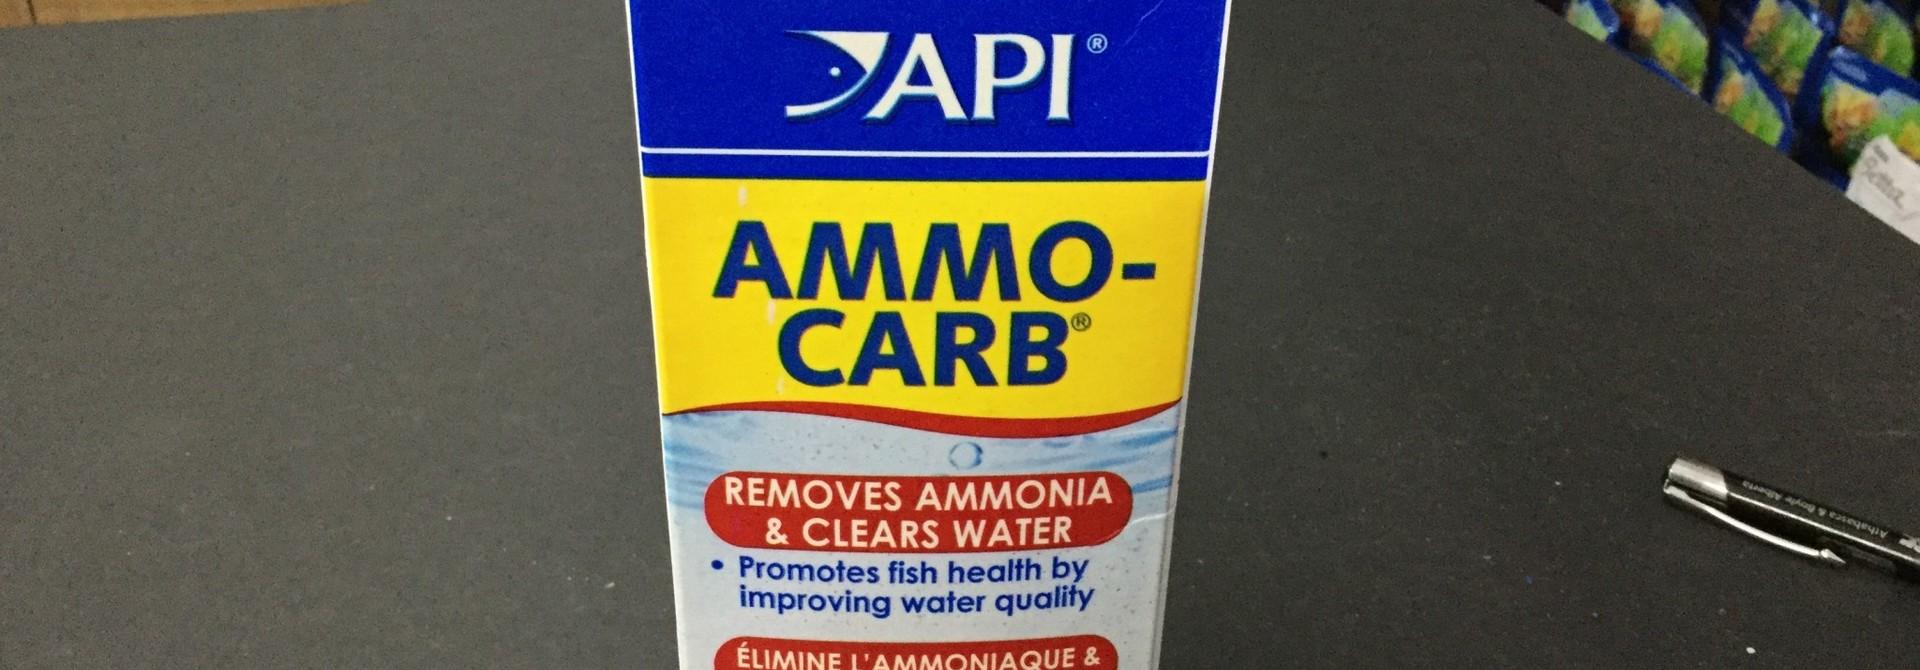 API AMMO-CARB / 20oz